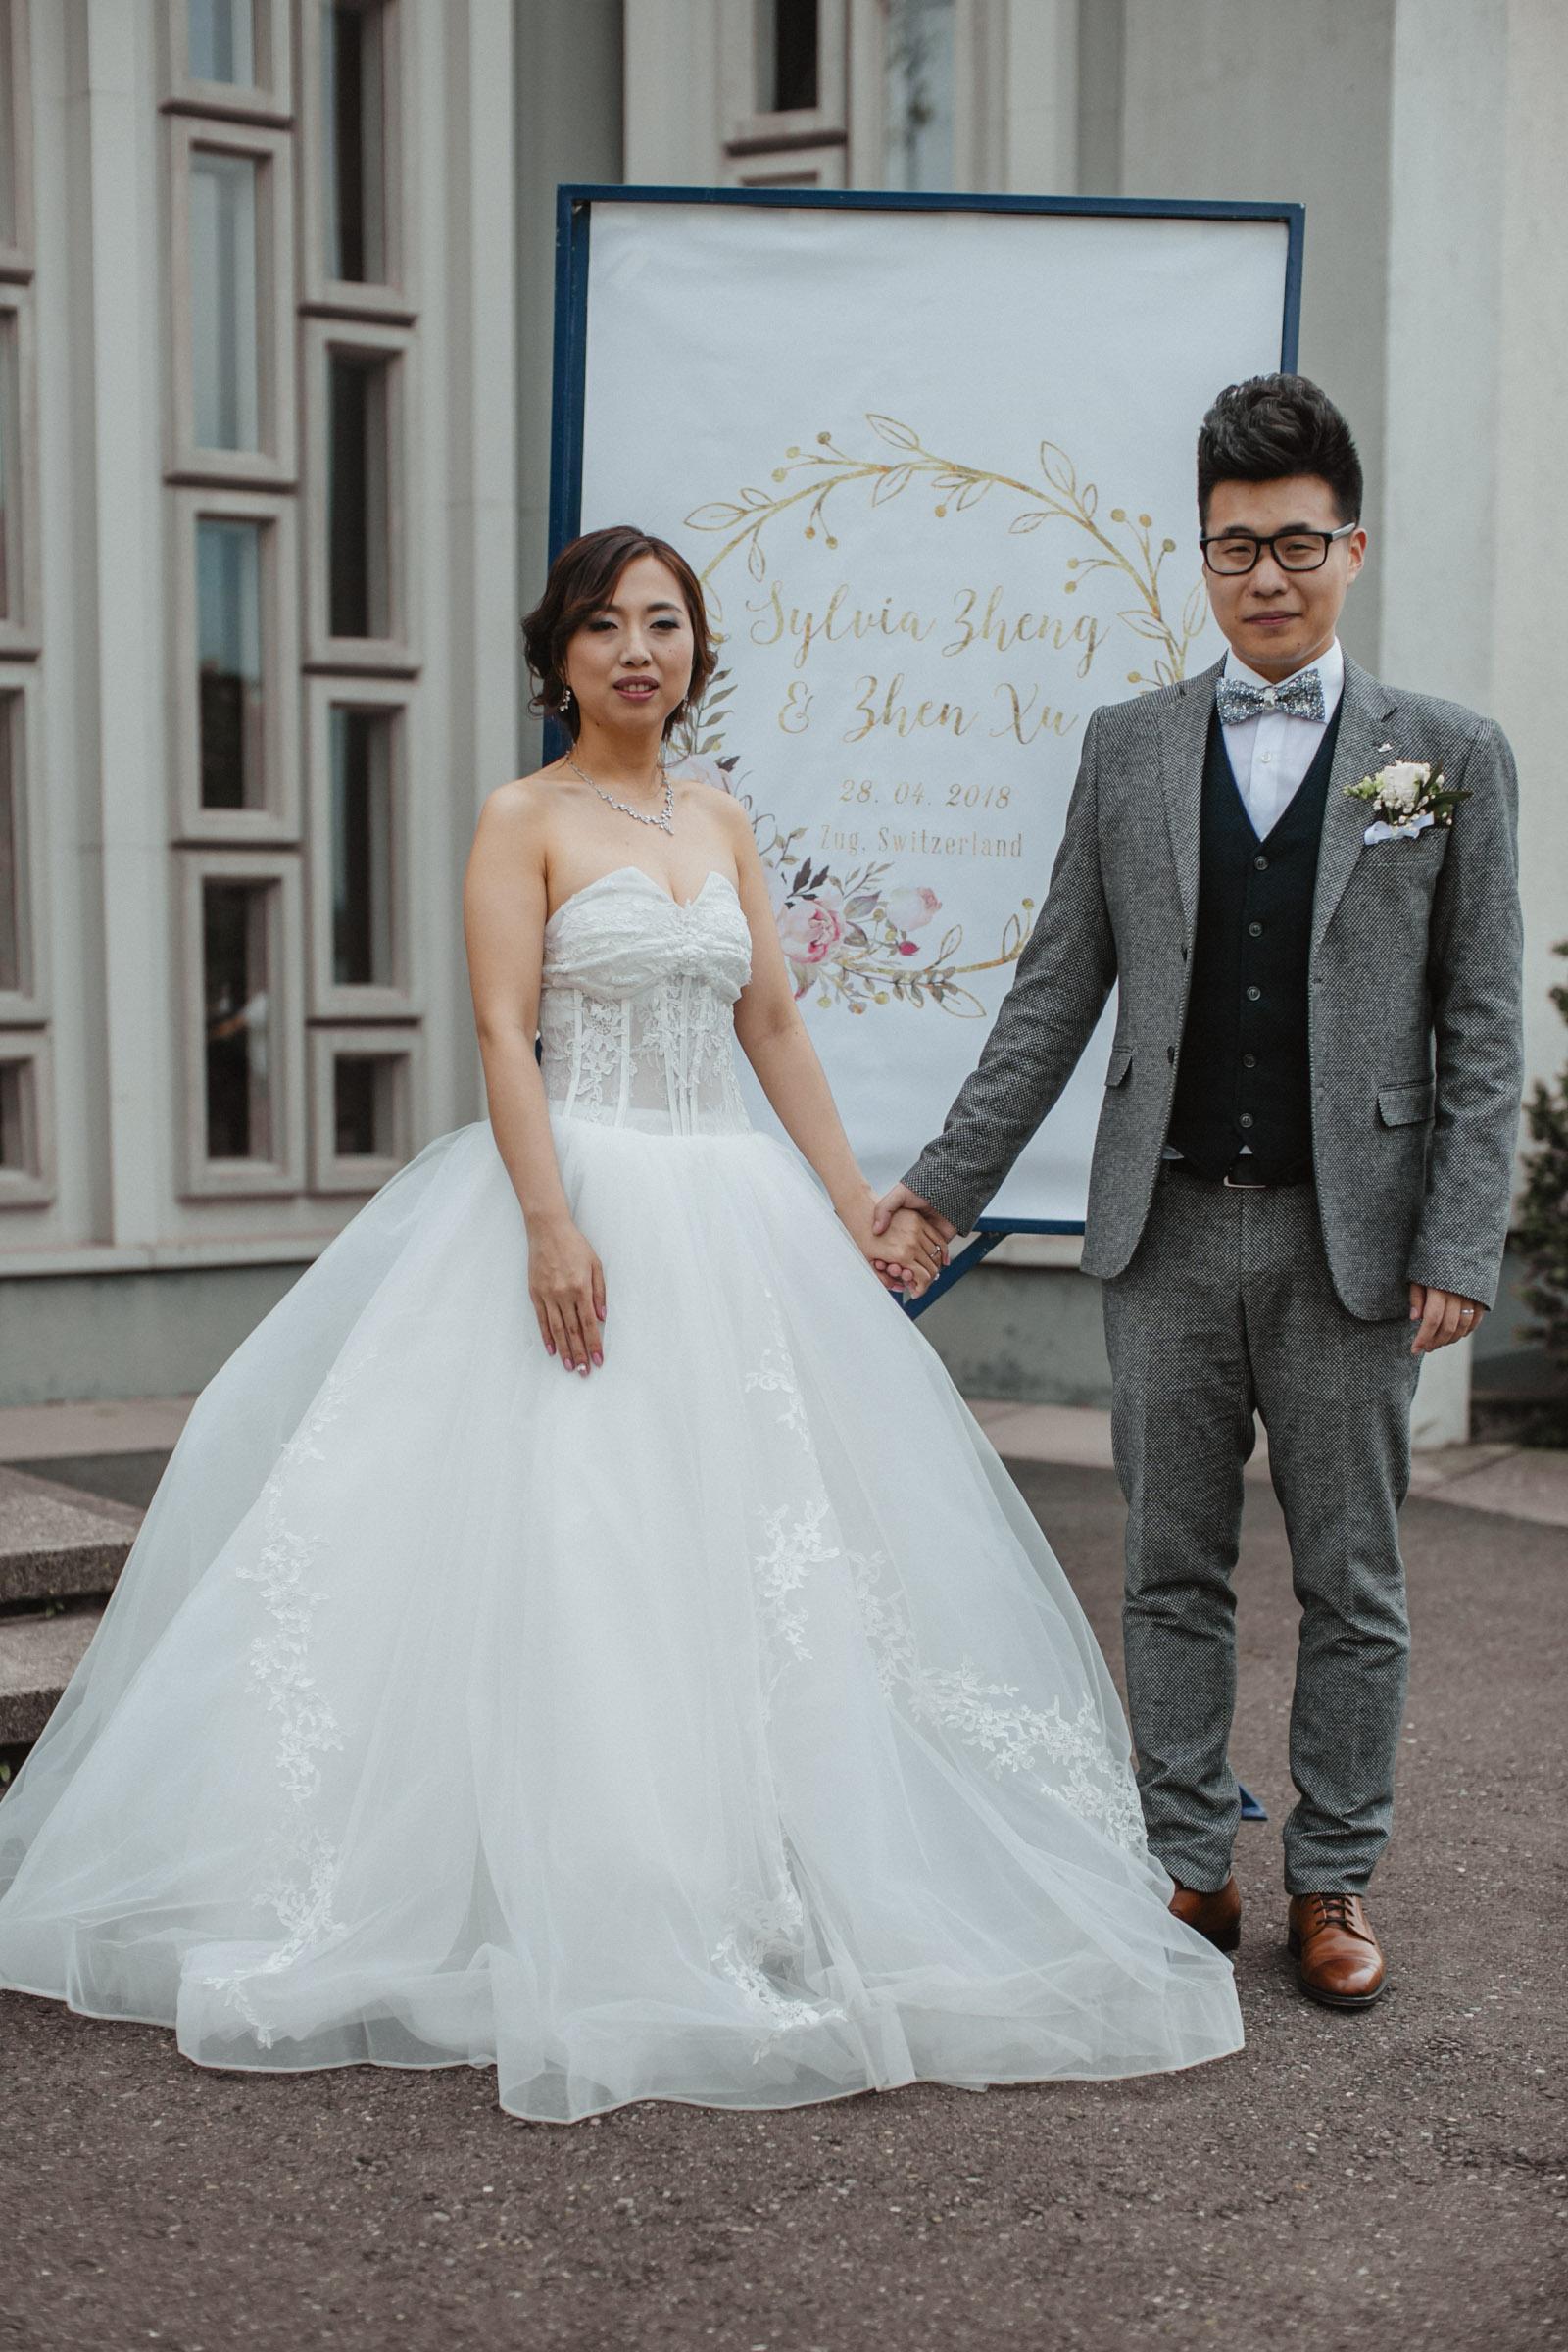 Brautpaar vor dekorativer Hochzeitstafel